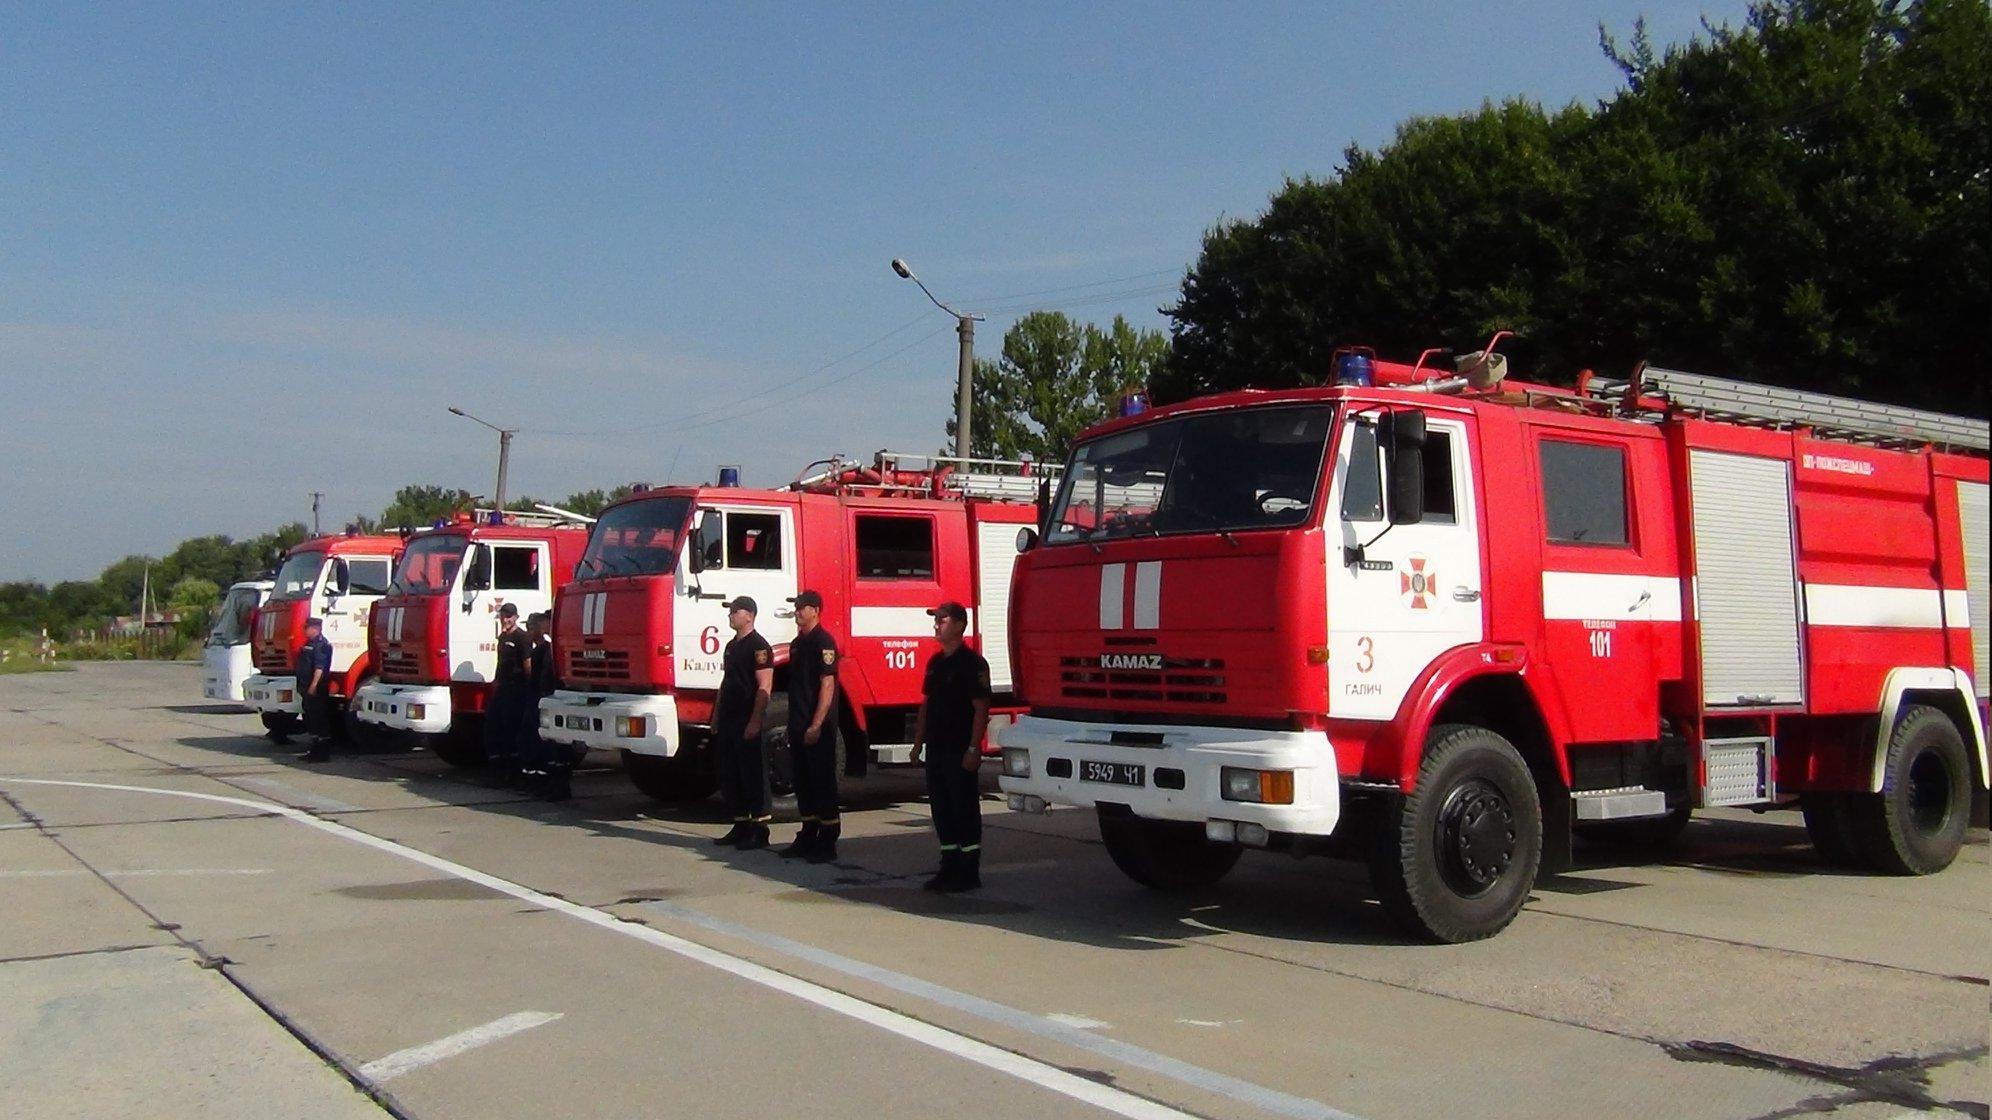 Прикарпатські рятувальники вчаться гасити лісові пожежі з літаків та гелікоптерів 6